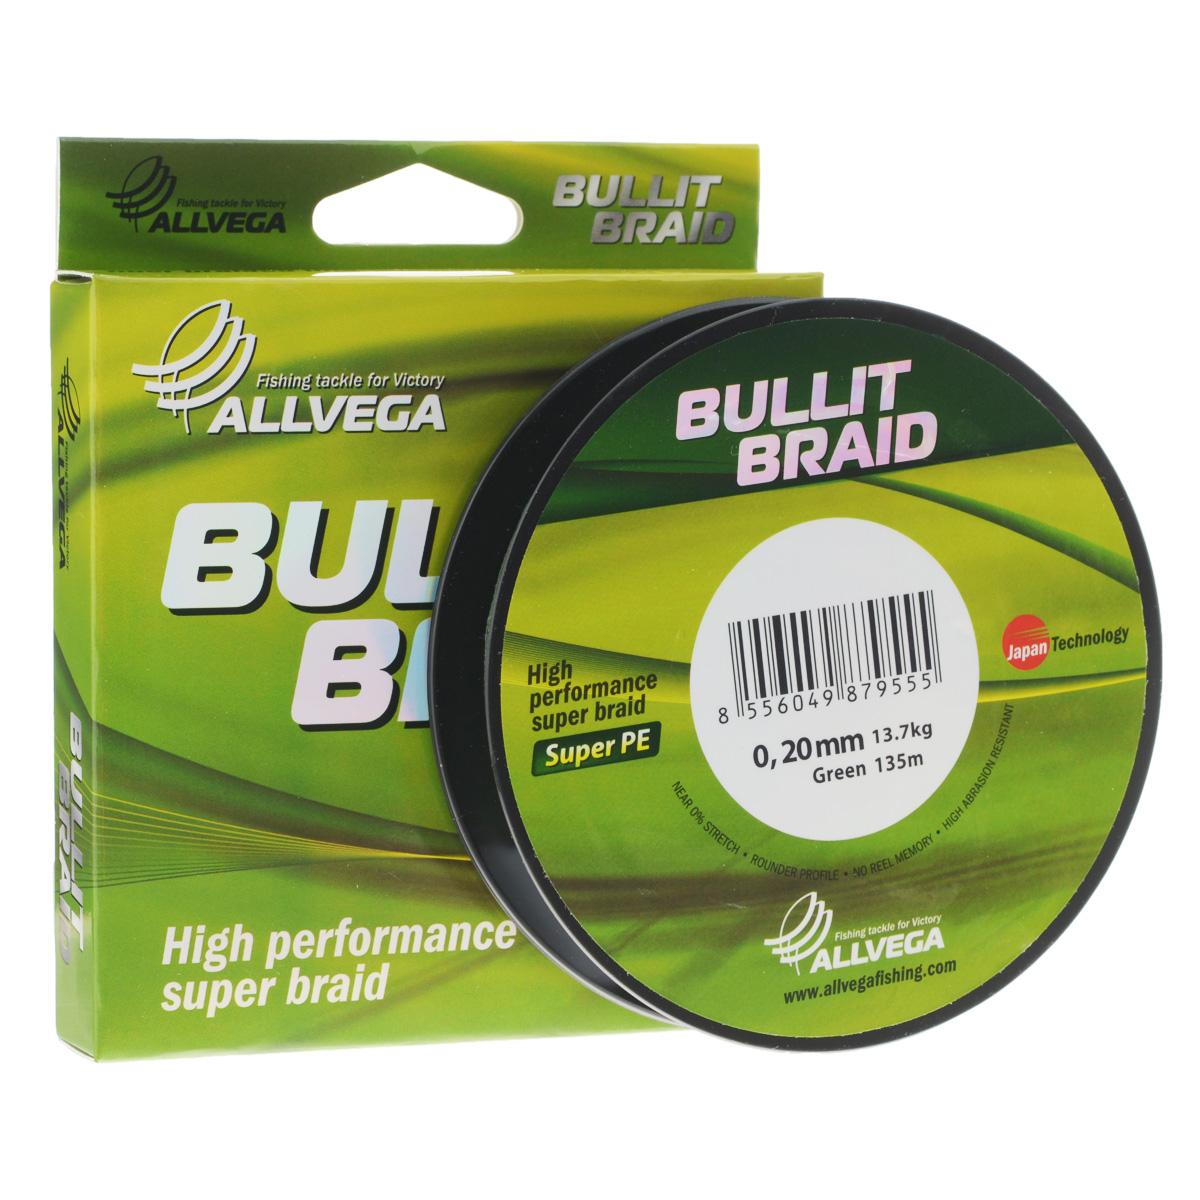 Леска плетеная Allvega Bullit Braid, цвет: темно-зеленый, 135 м, 0,20 мм, 13,7 кг36265Леска Allvega Bullit Braid с гладкой поверхностью и одинаковым сечением по всей длине обладает высокой износостойкостью. Благодаря микроволокнам полиэтилена (Super PE) леска имеет очень плотное плетение и не впитывает воду. Леску Allvega Bullit Braid можно применять в любых типах водоемов. Особенности:повышенная износостойкость;высокая чувствительность - коэффициент растяжения близок к нулю;отсутствует память; идеально гладкая поверхность позволяет увеличить дальность забросов; высокая прочность шнура на узлах.